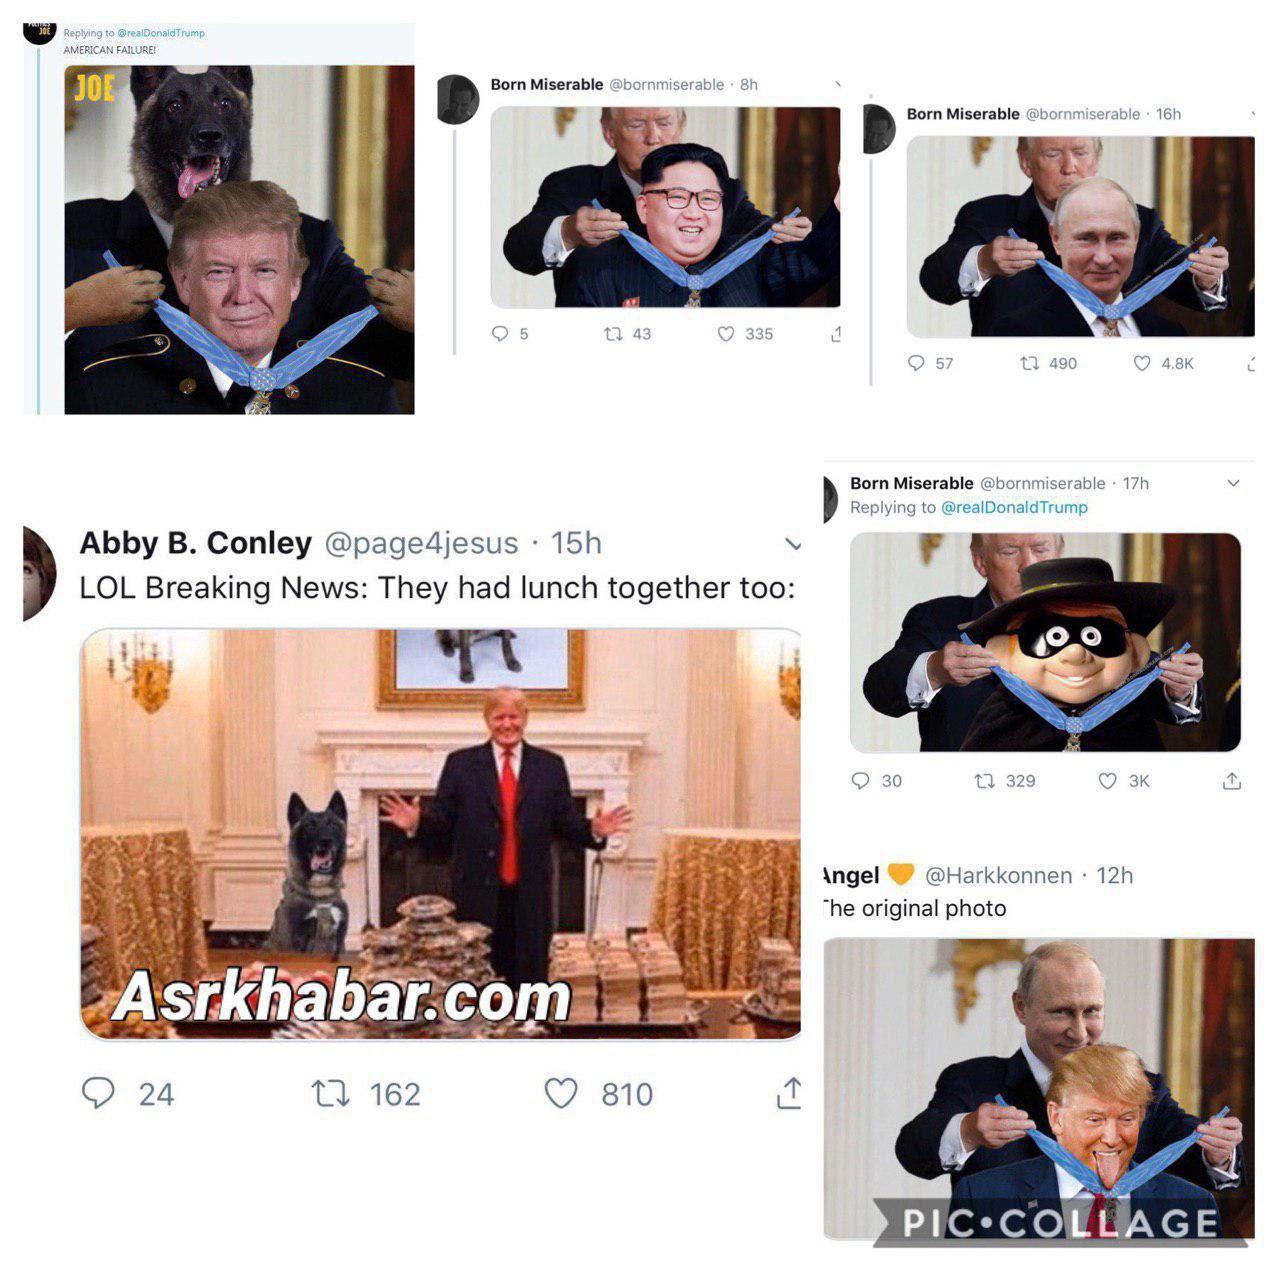 بازنشر عکس ساختگی به وسیله رئیس جمهور آمریکا، سوژه فعالین شبکه های مجازی شد